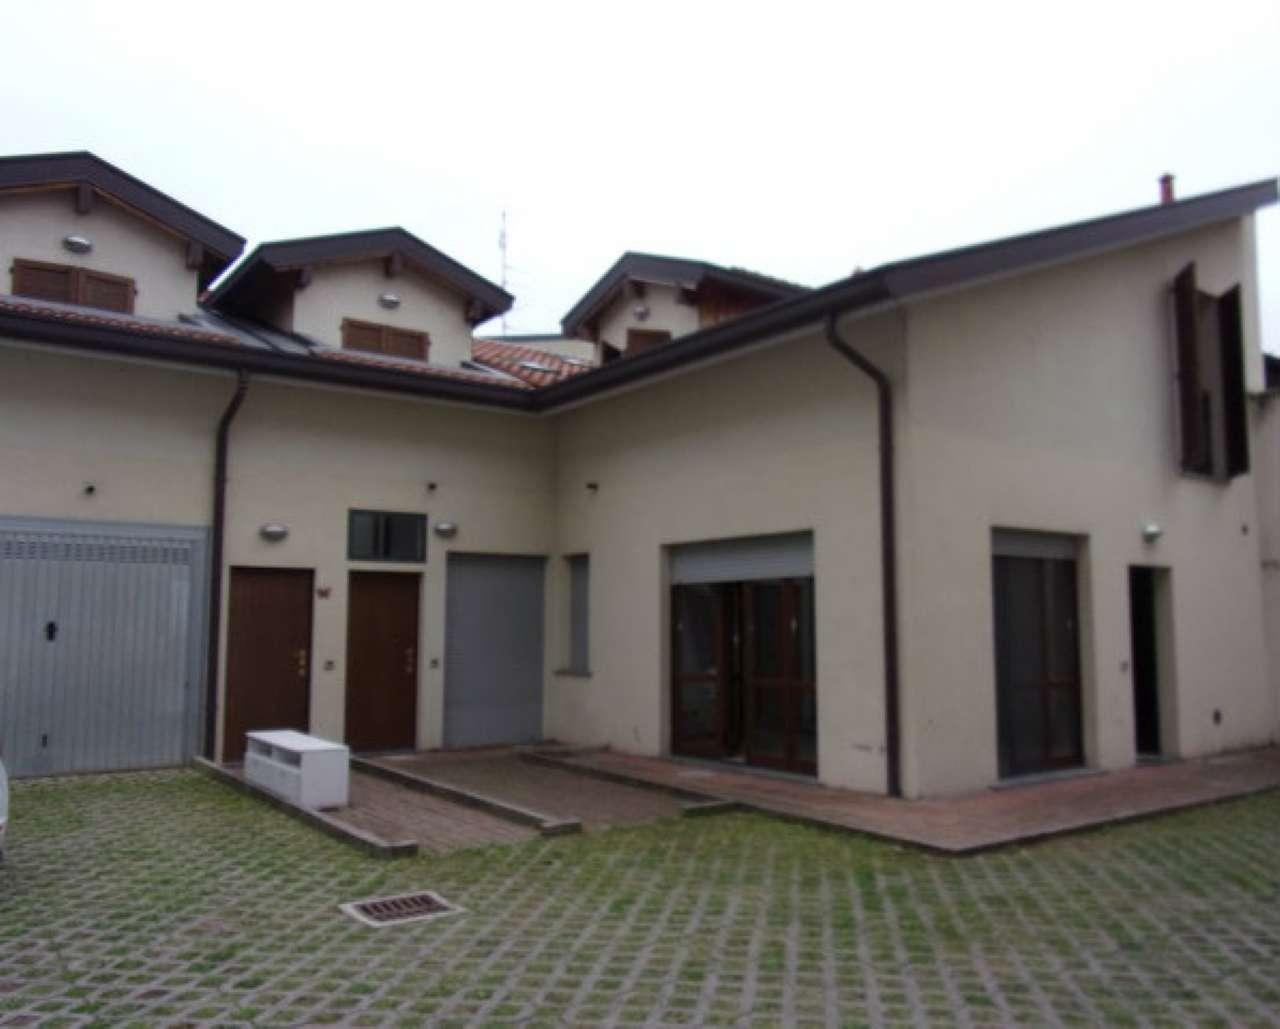 Soluzione Indipendente in vendita a Seregno, 3 locali, prezzo € 215.000 | CambioCasa.it